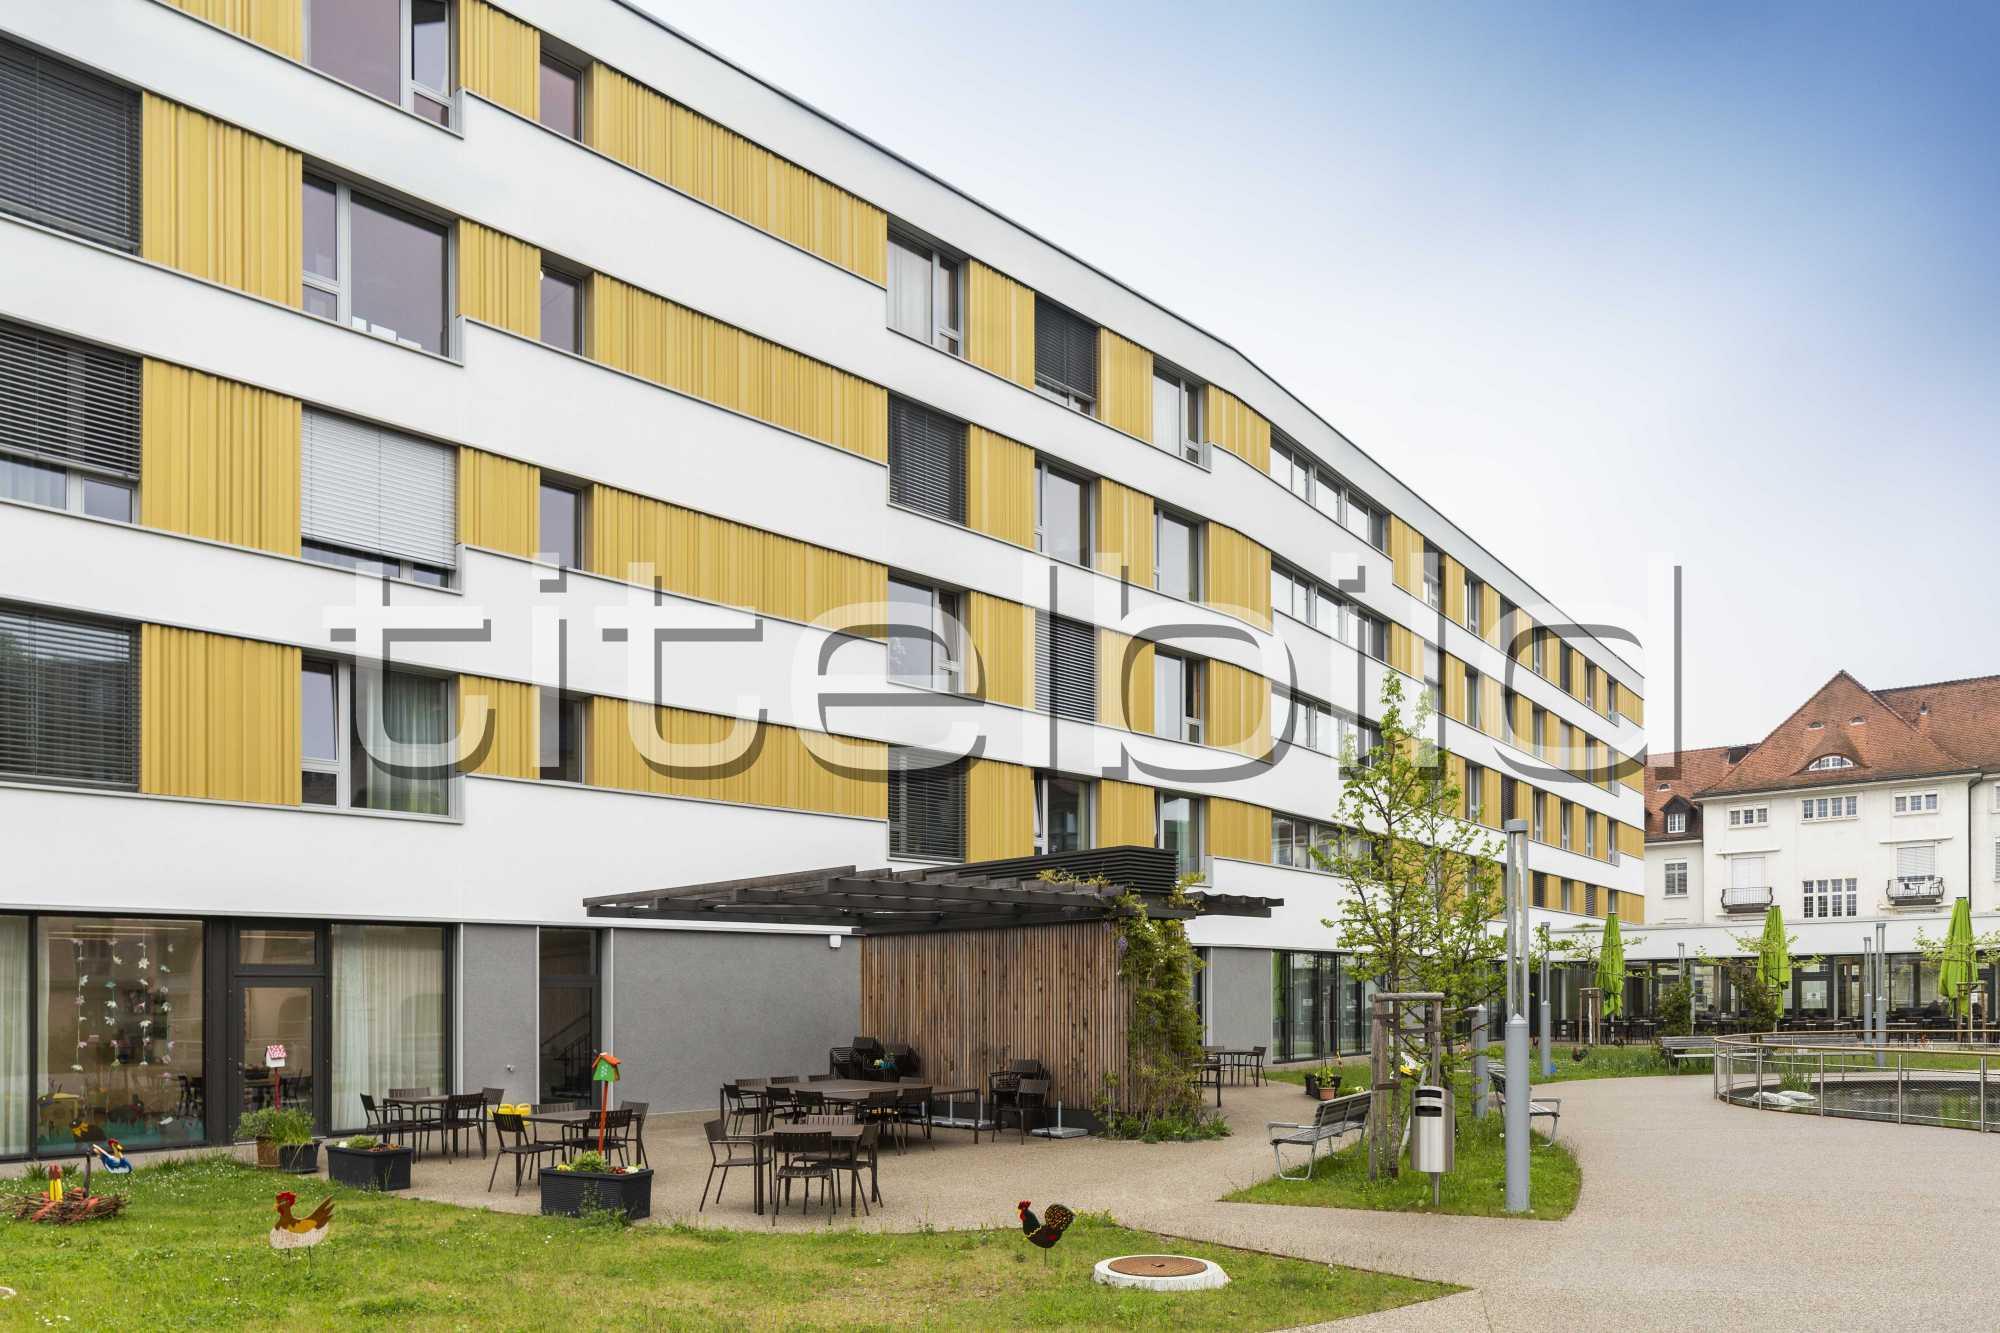 Projektbild-Nr. 3: Gesundheitszentrum Brugg